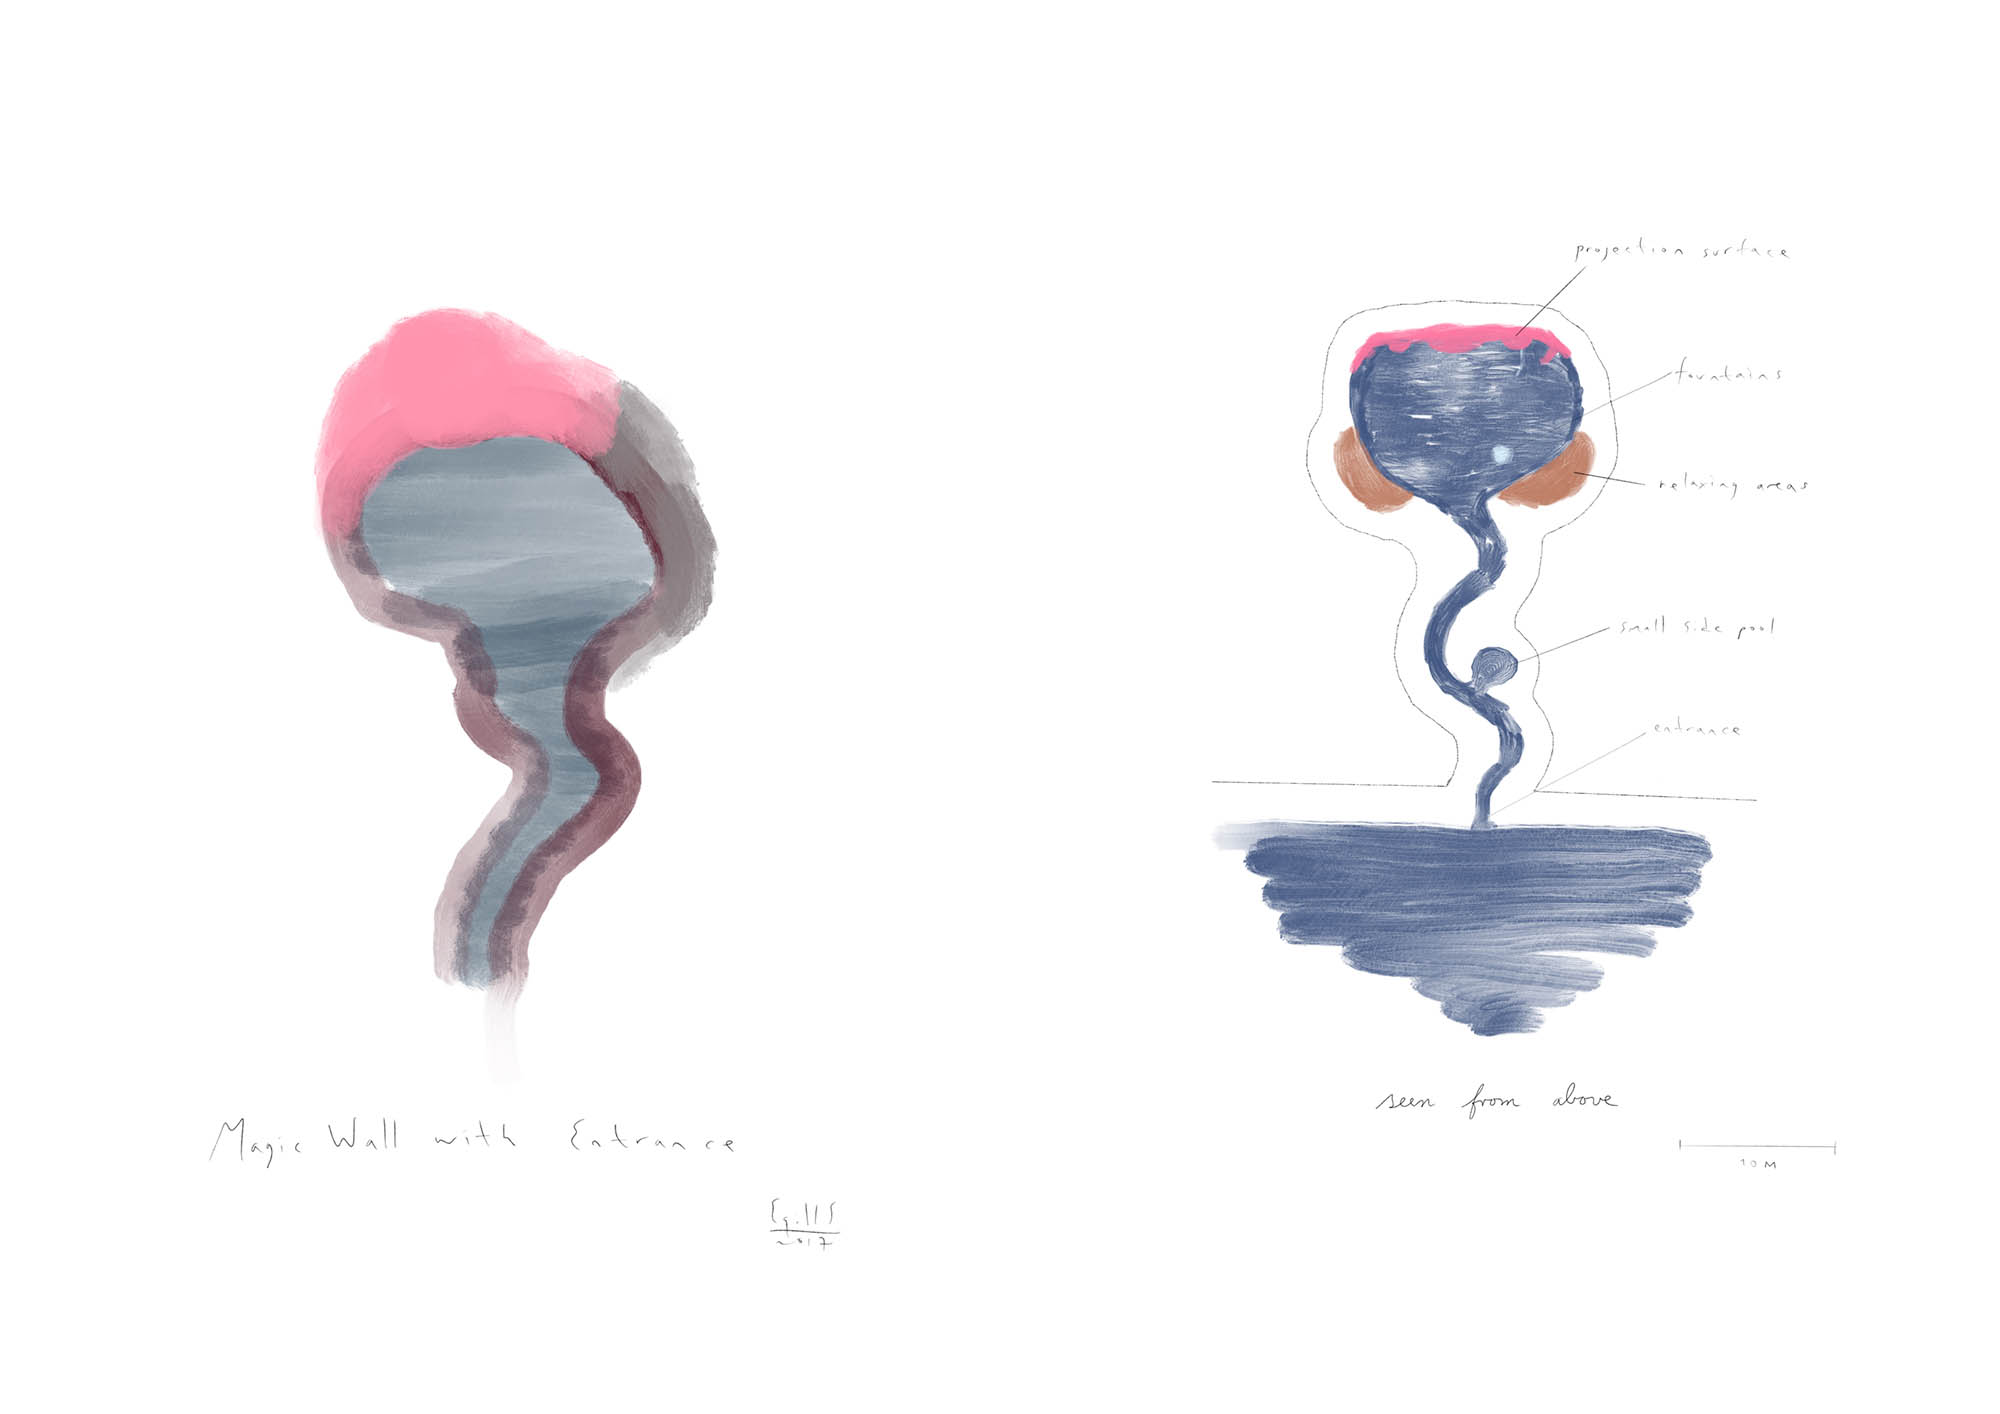 Egill Sæbjörnsson, The Mother (digital drawing, 2019)